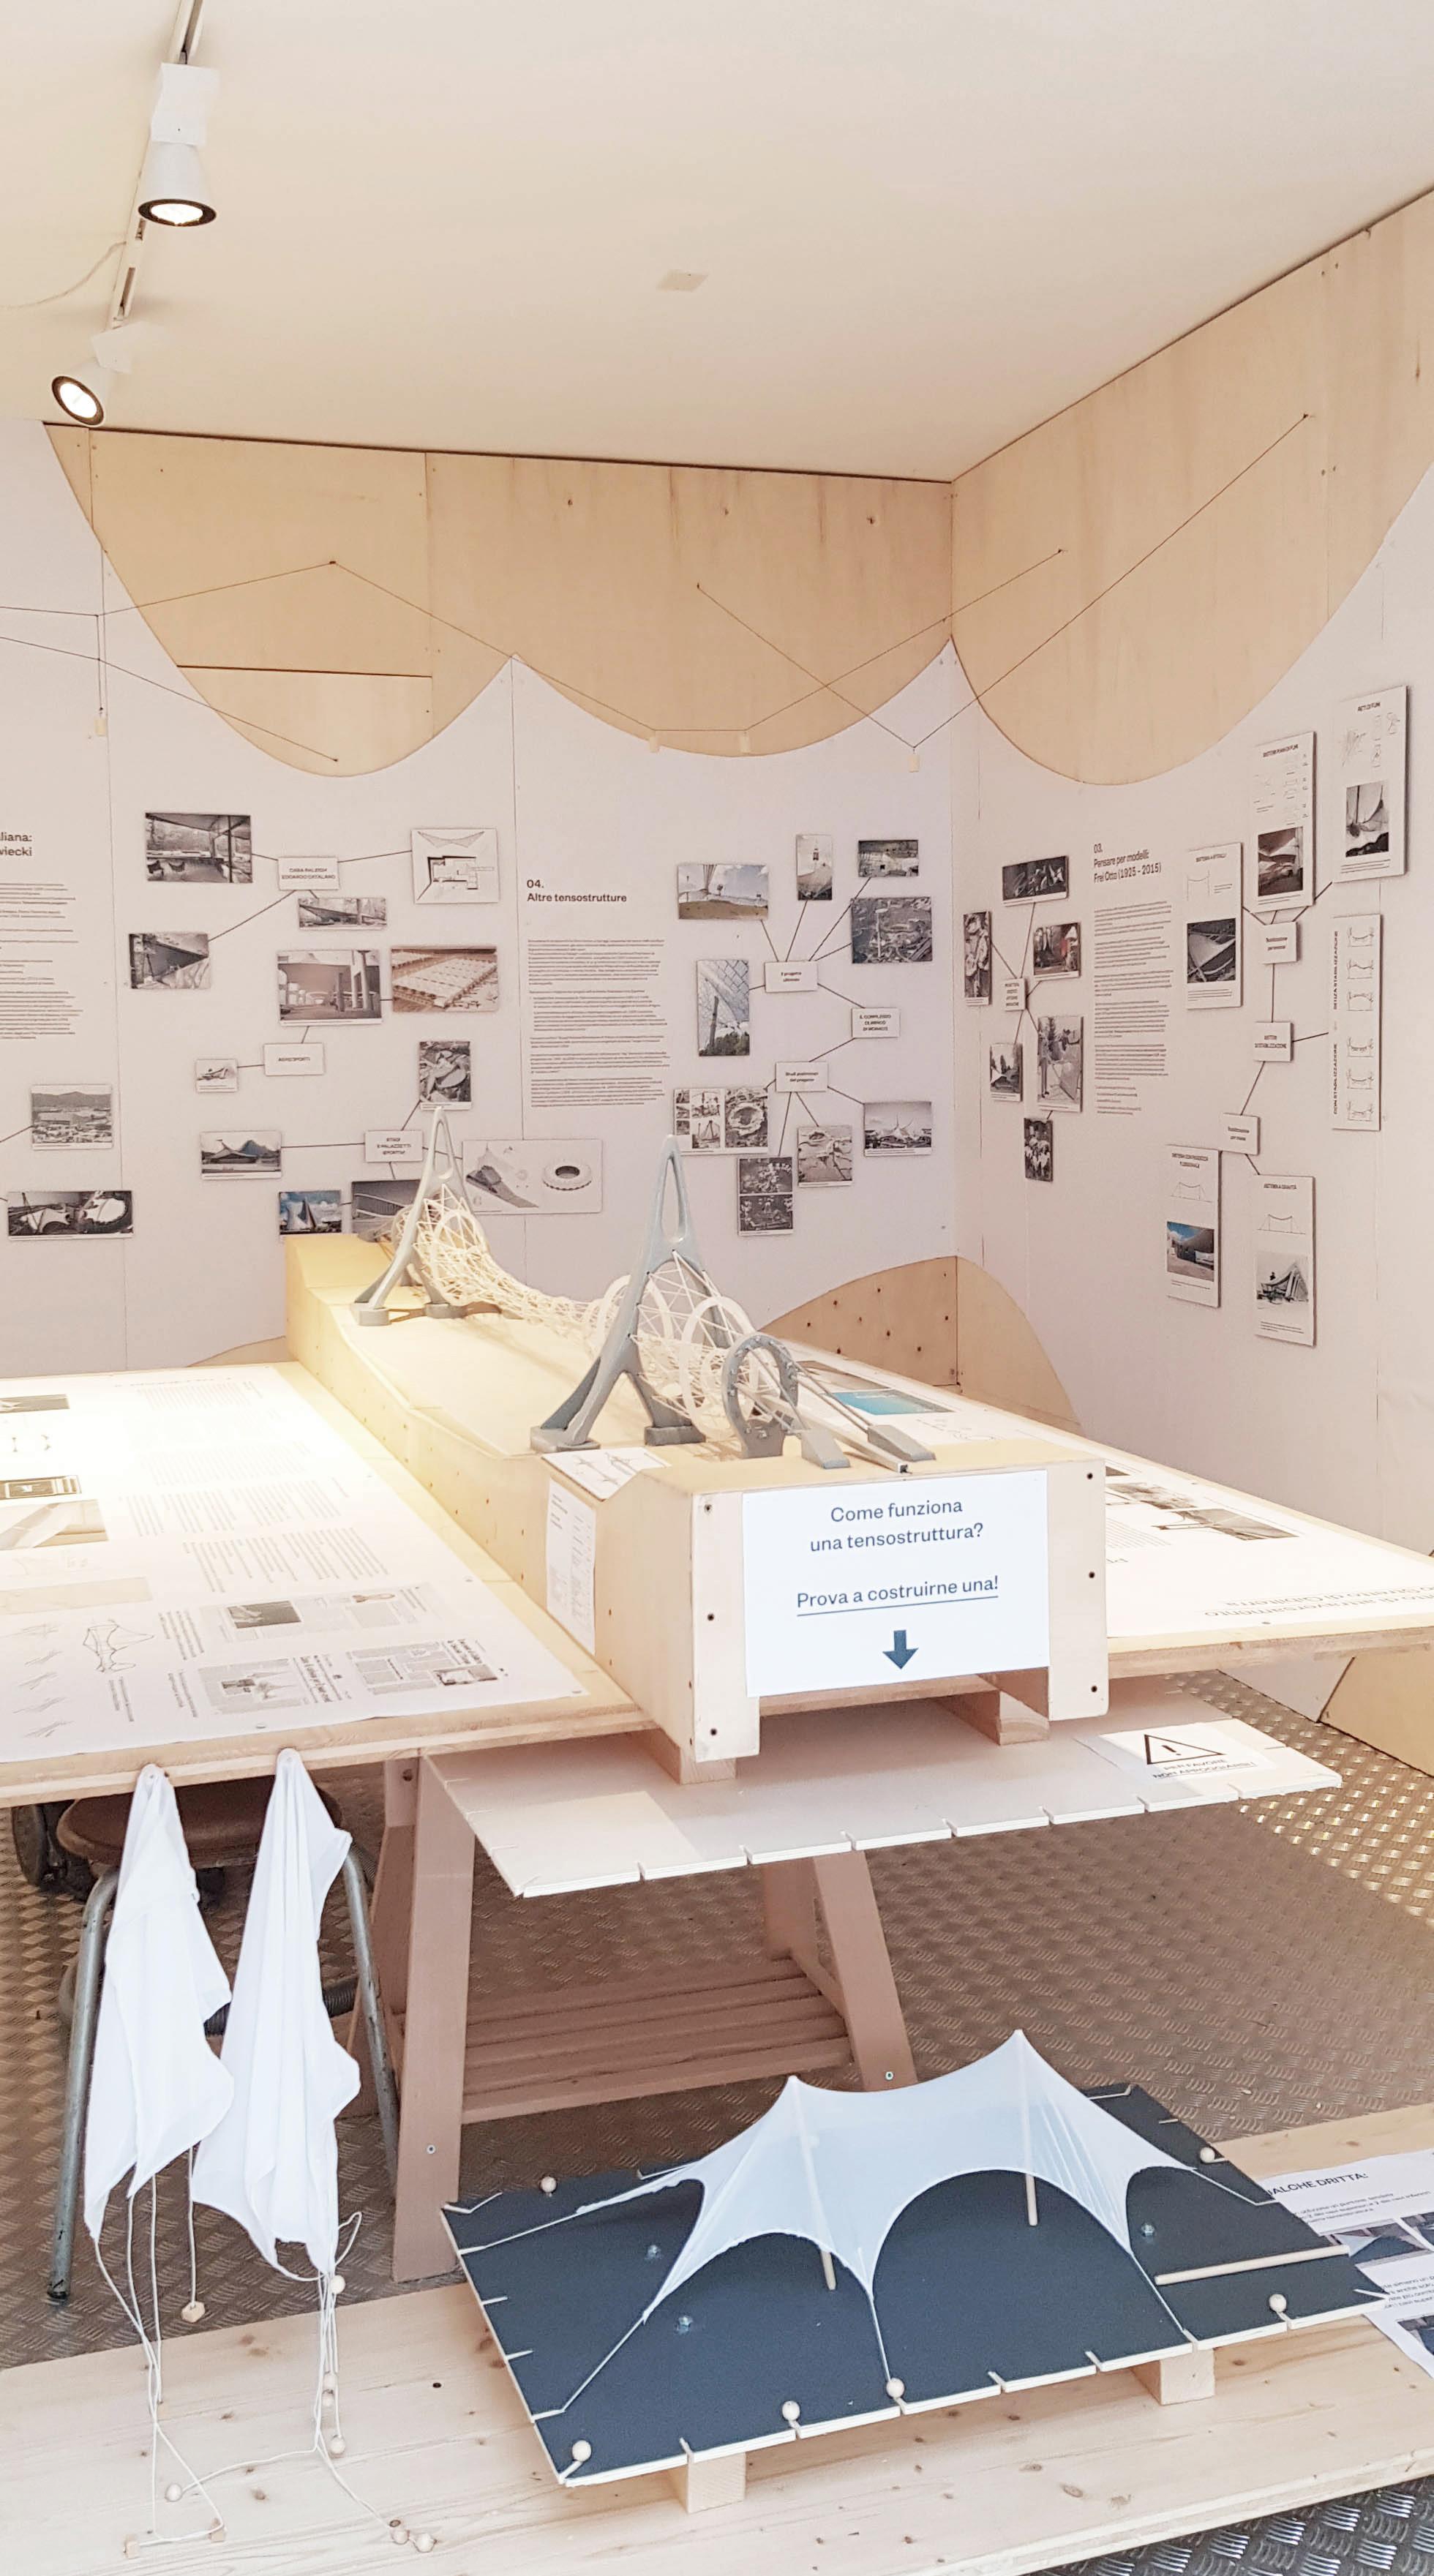 Al centro della mostra, il modello in scala del ponte di Gibilterra; in basso, un piccolo prototipo di tensostruttura con una tela elastica © Marco Peroni Ingegneria